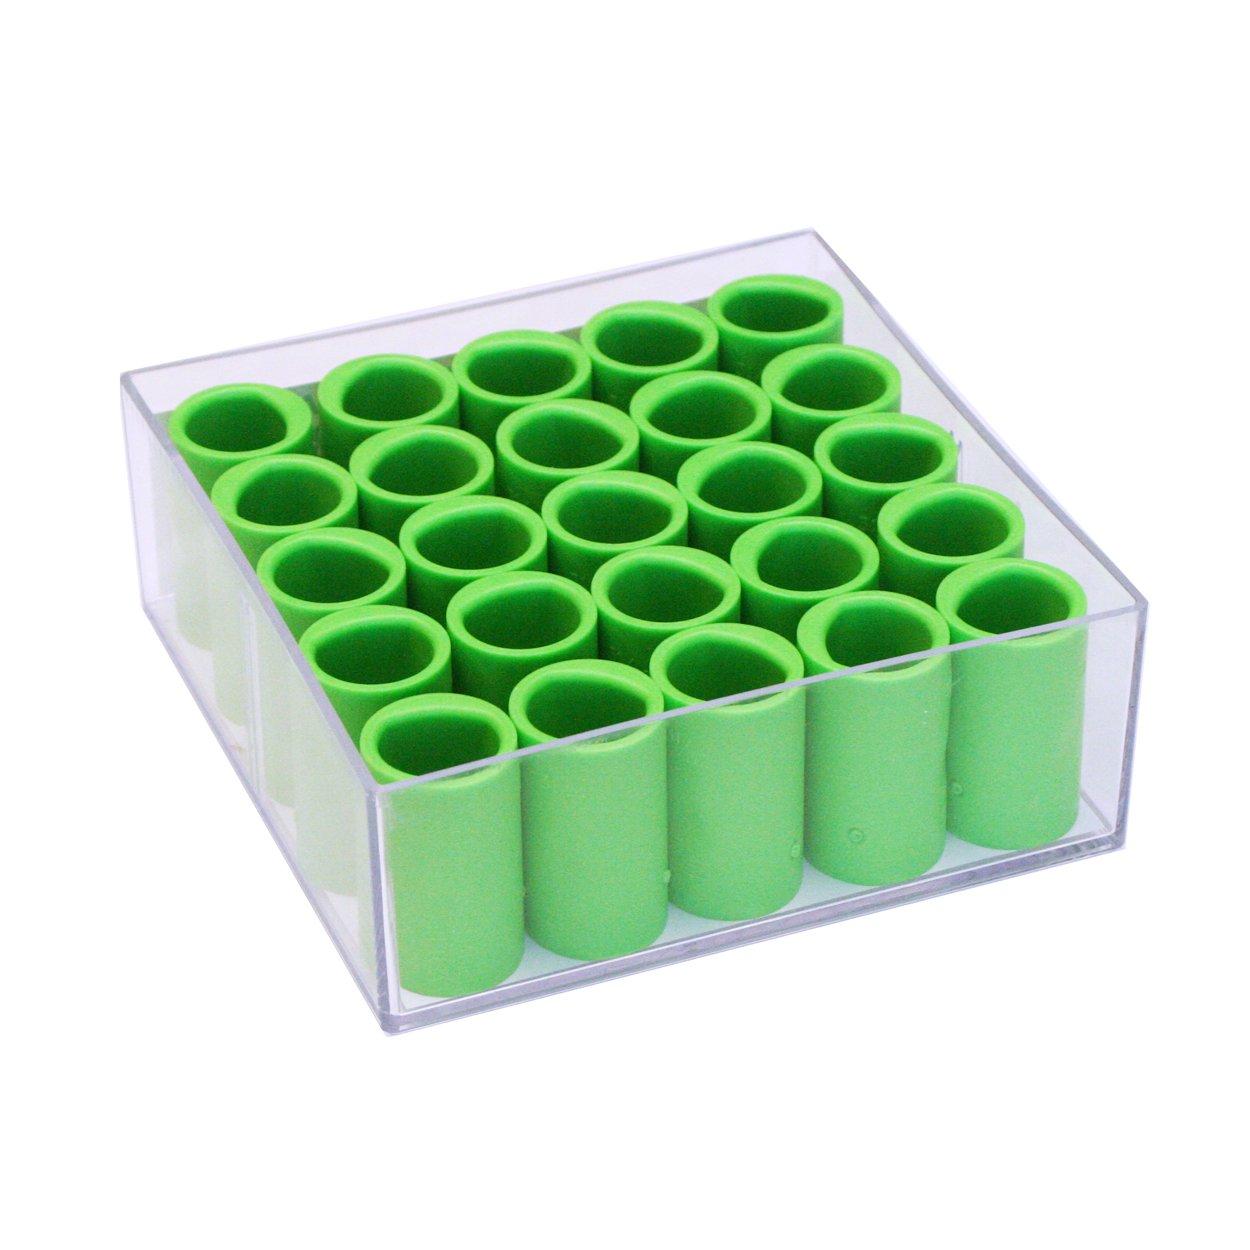 Vise Power Lift & Semi Finger Insert (Box of 25), Green, 3/4